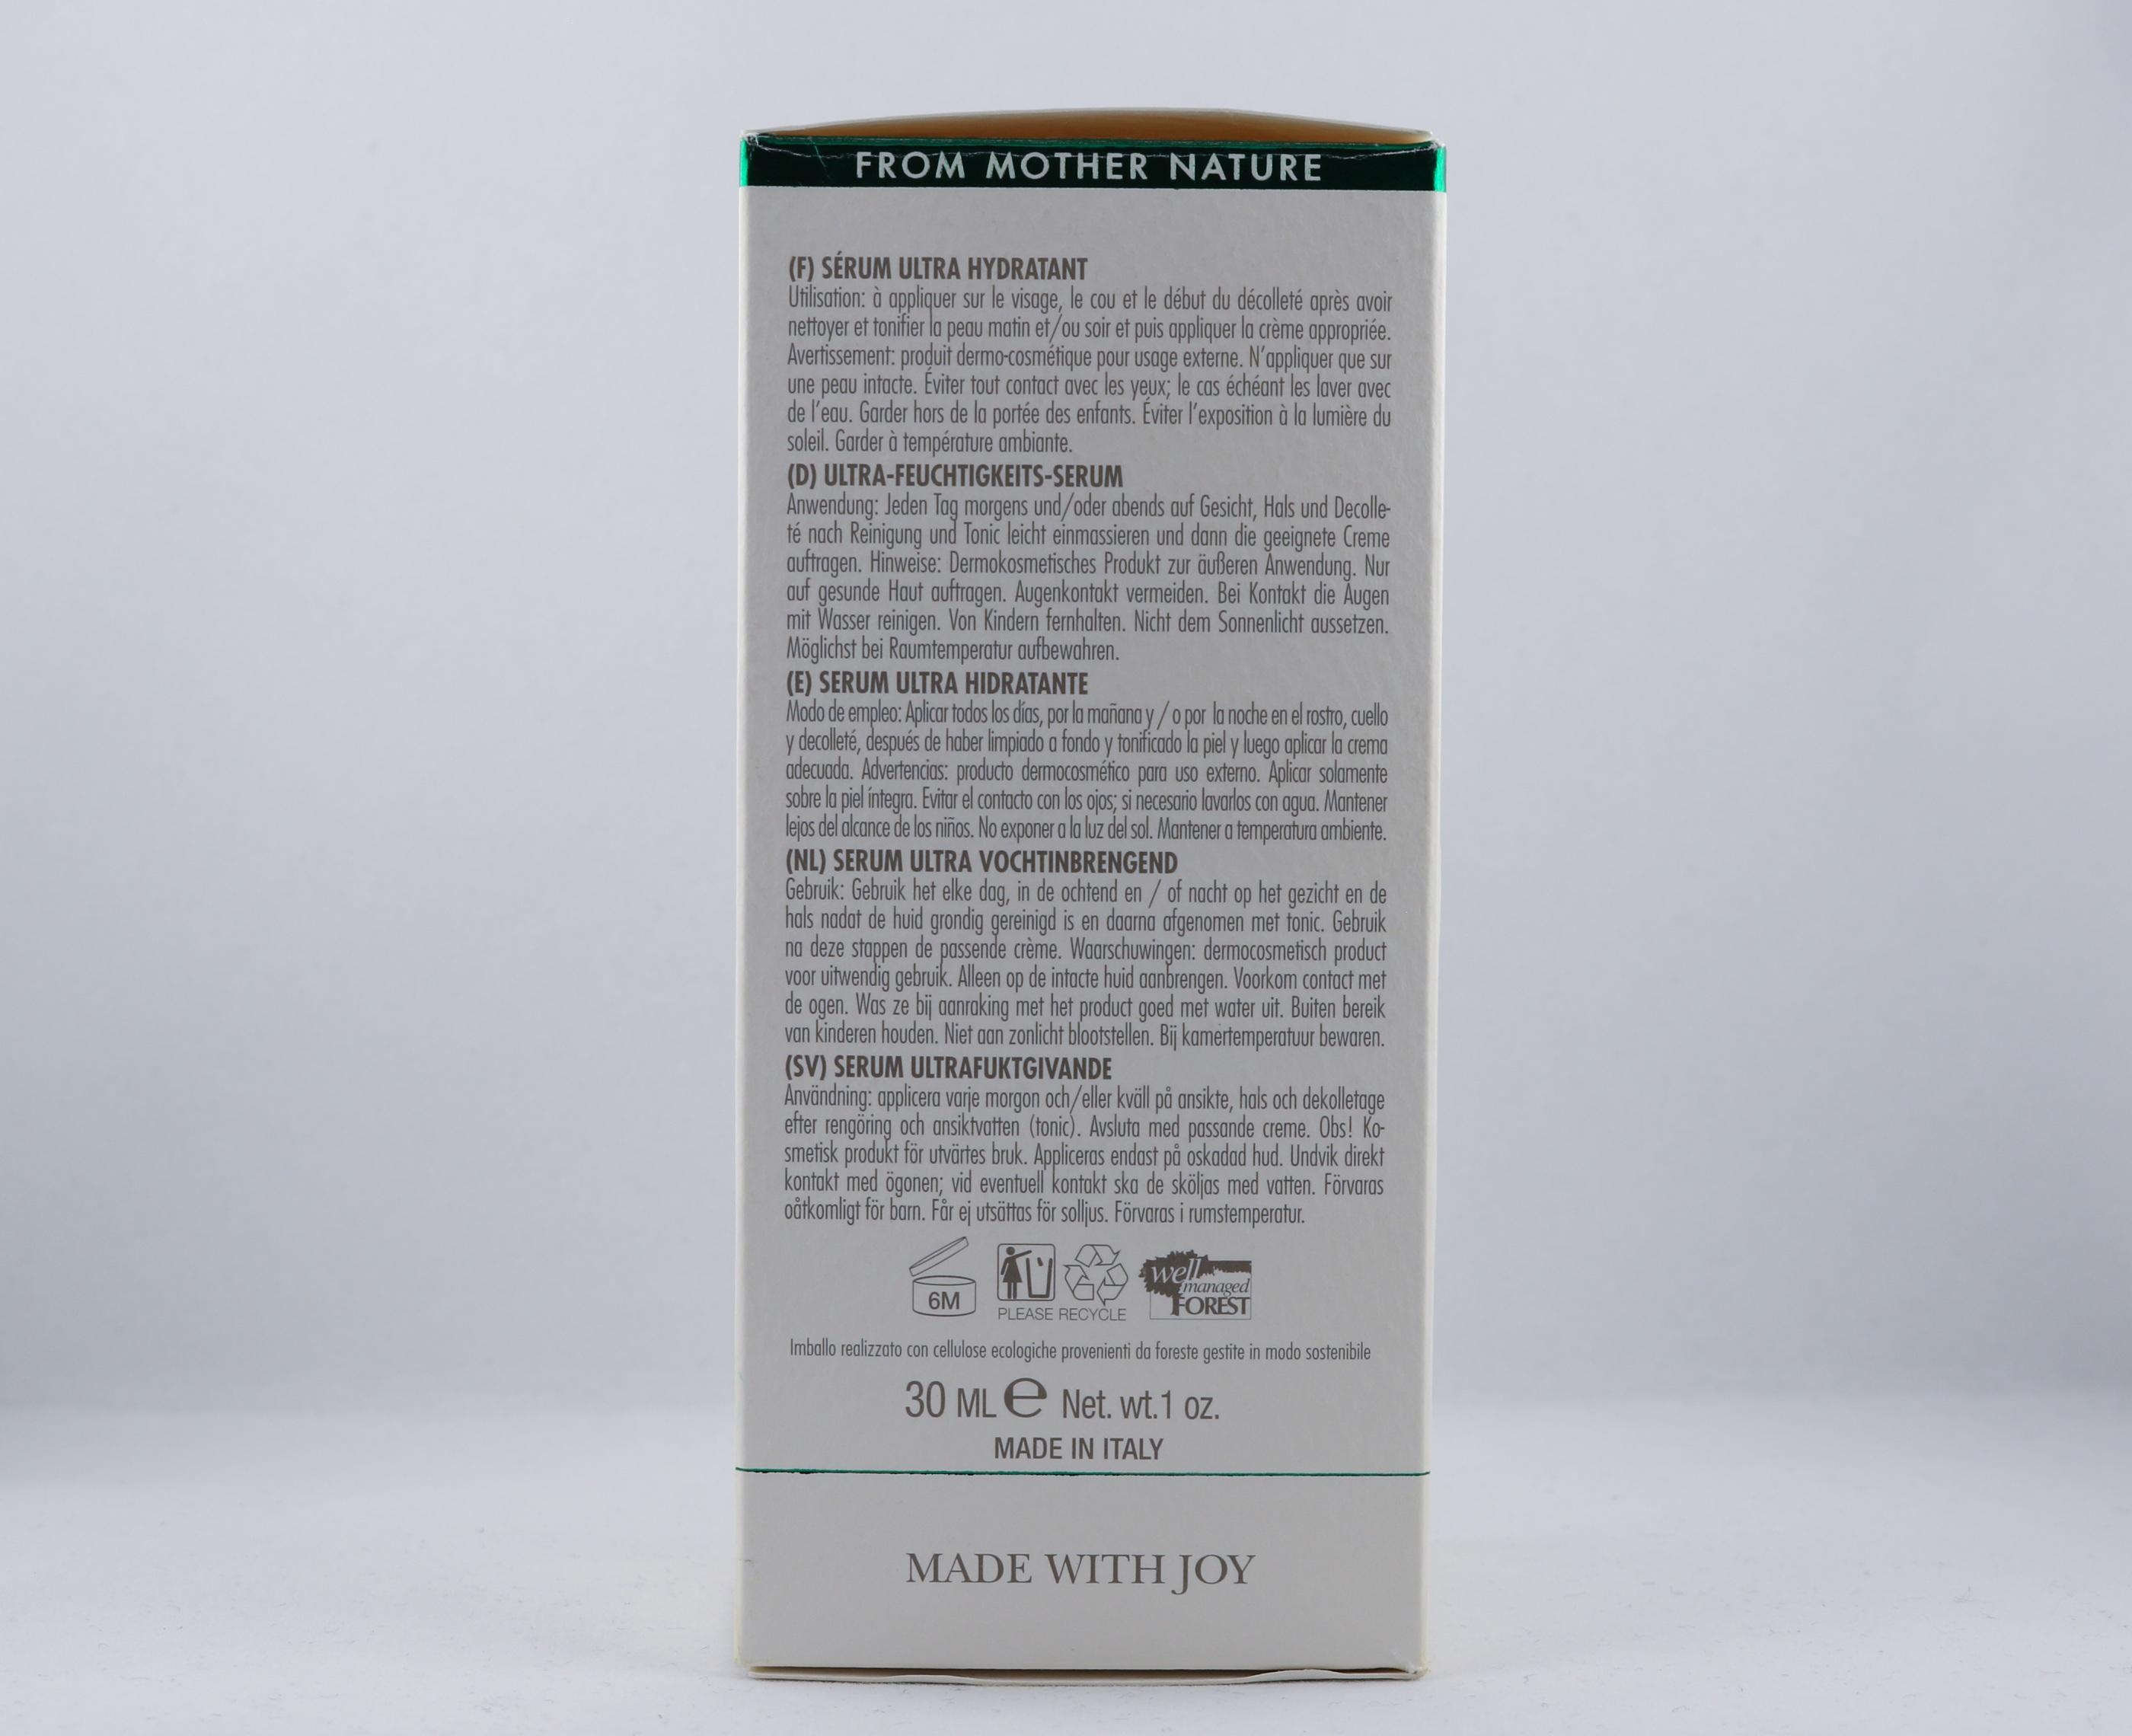 Vata Serum hudvårdsprodukt hudvårdstyp alternativ hälsa wellness ayurveda hudvård